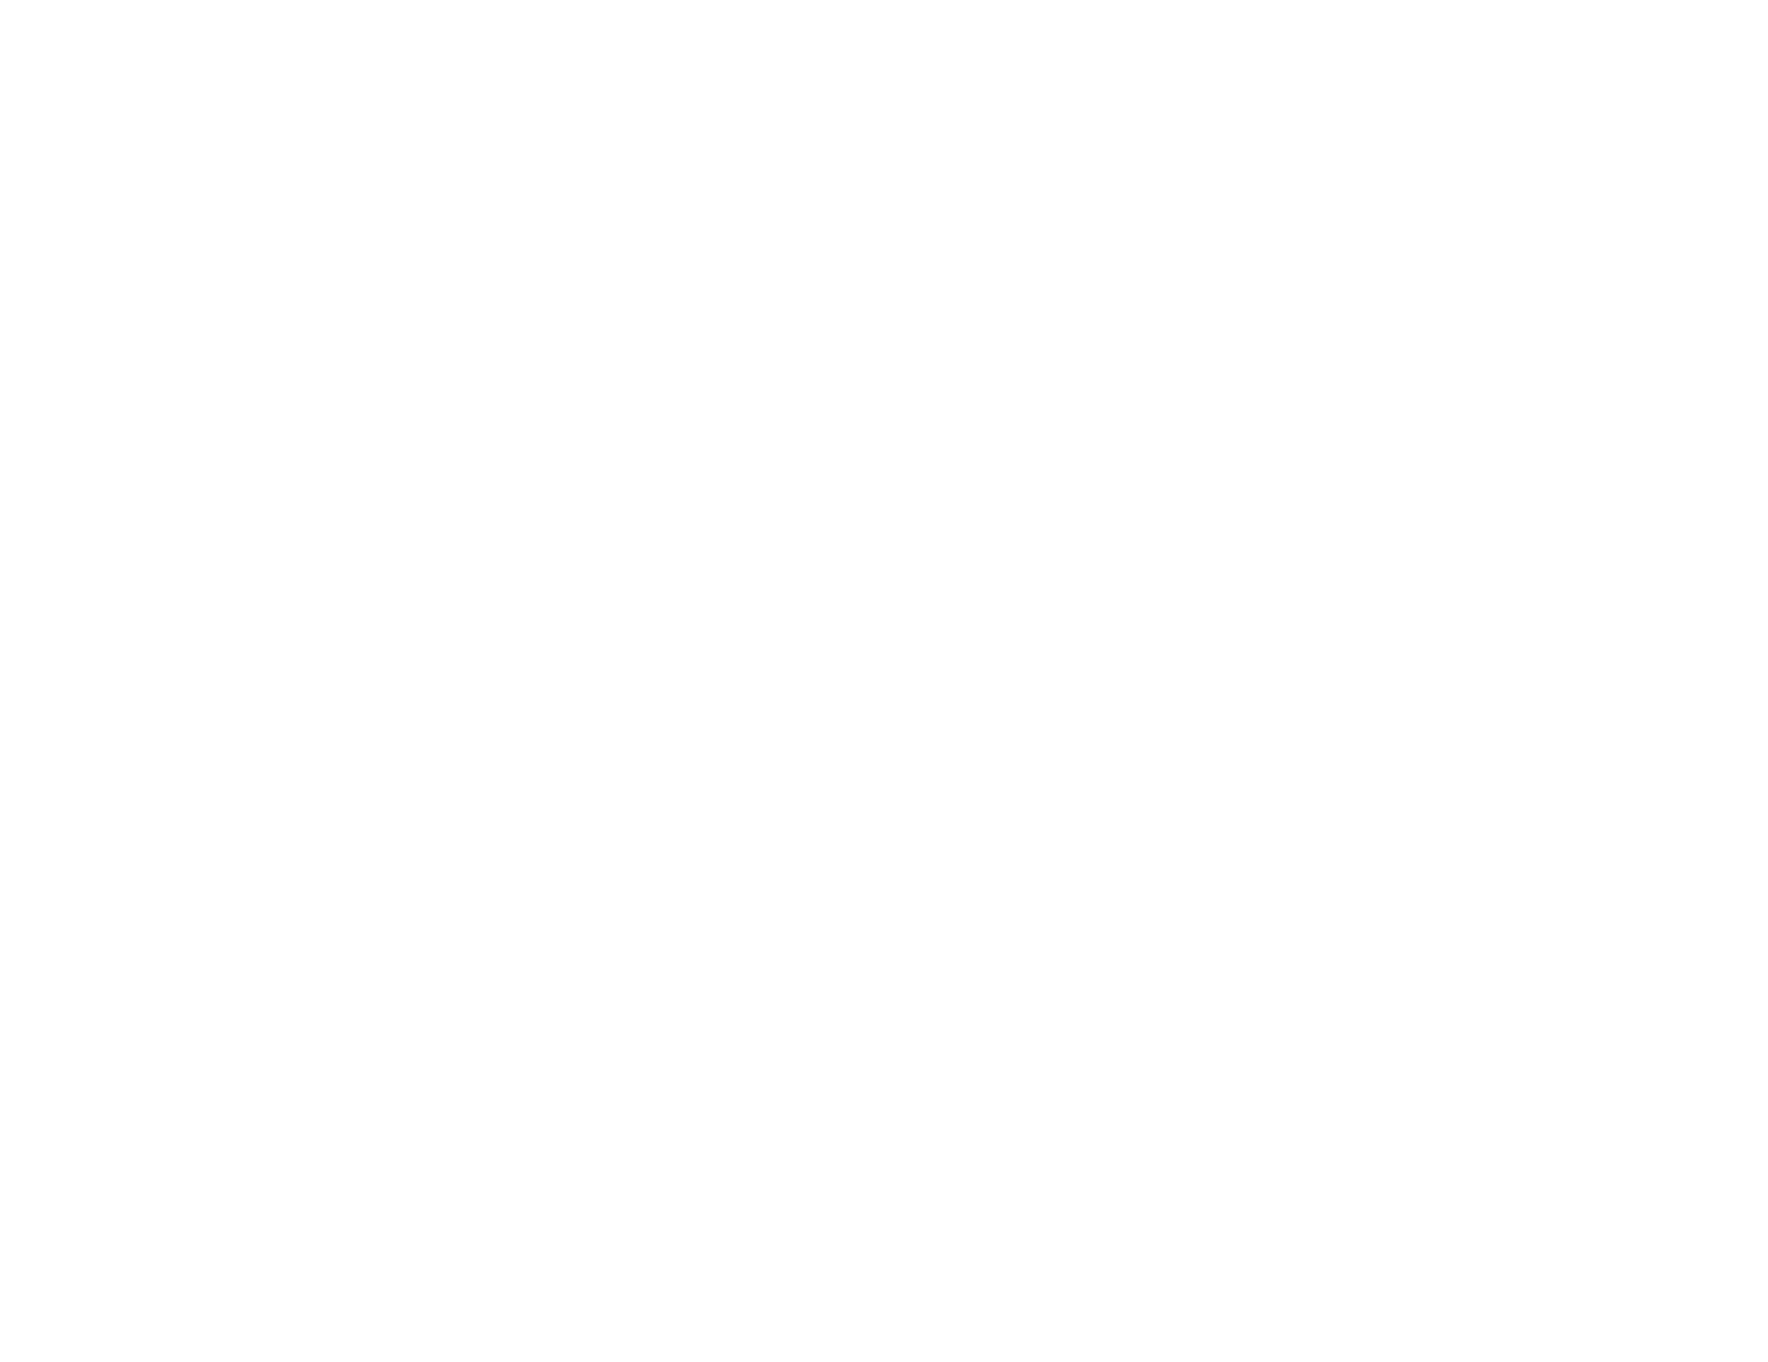 Hookpict